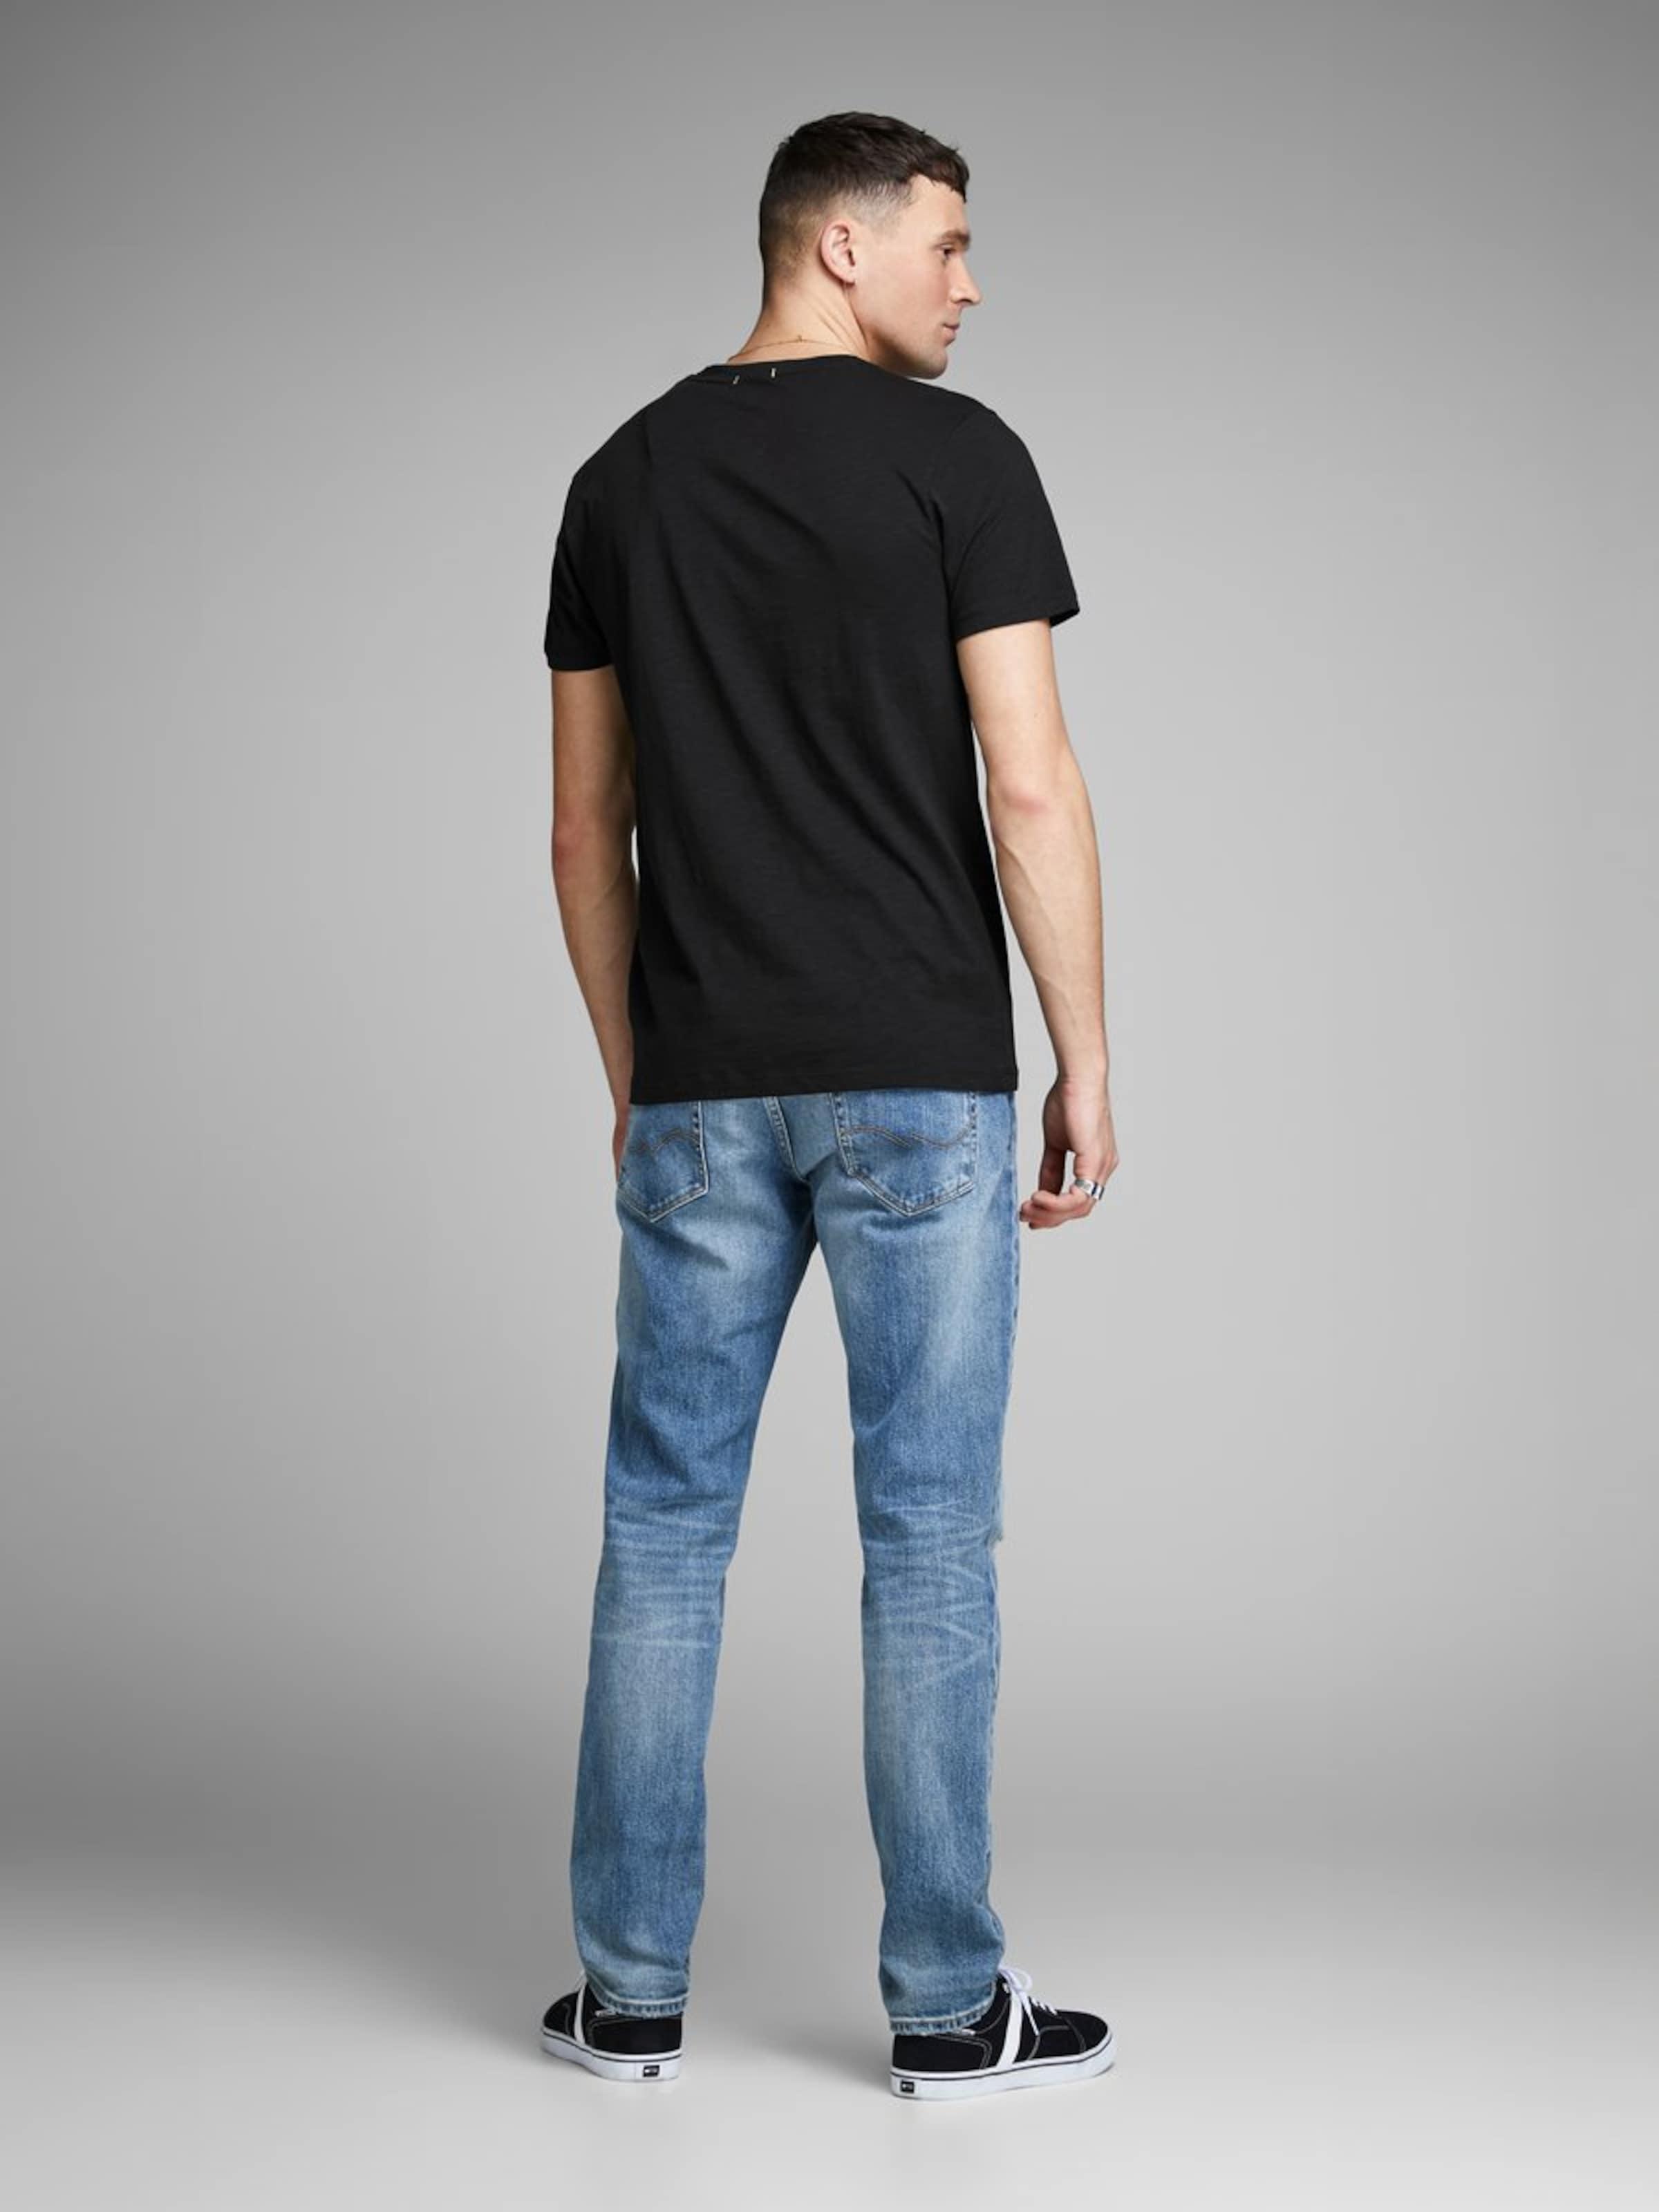 En Jackamp; Jones T shirt Noir SUpVLqMGz